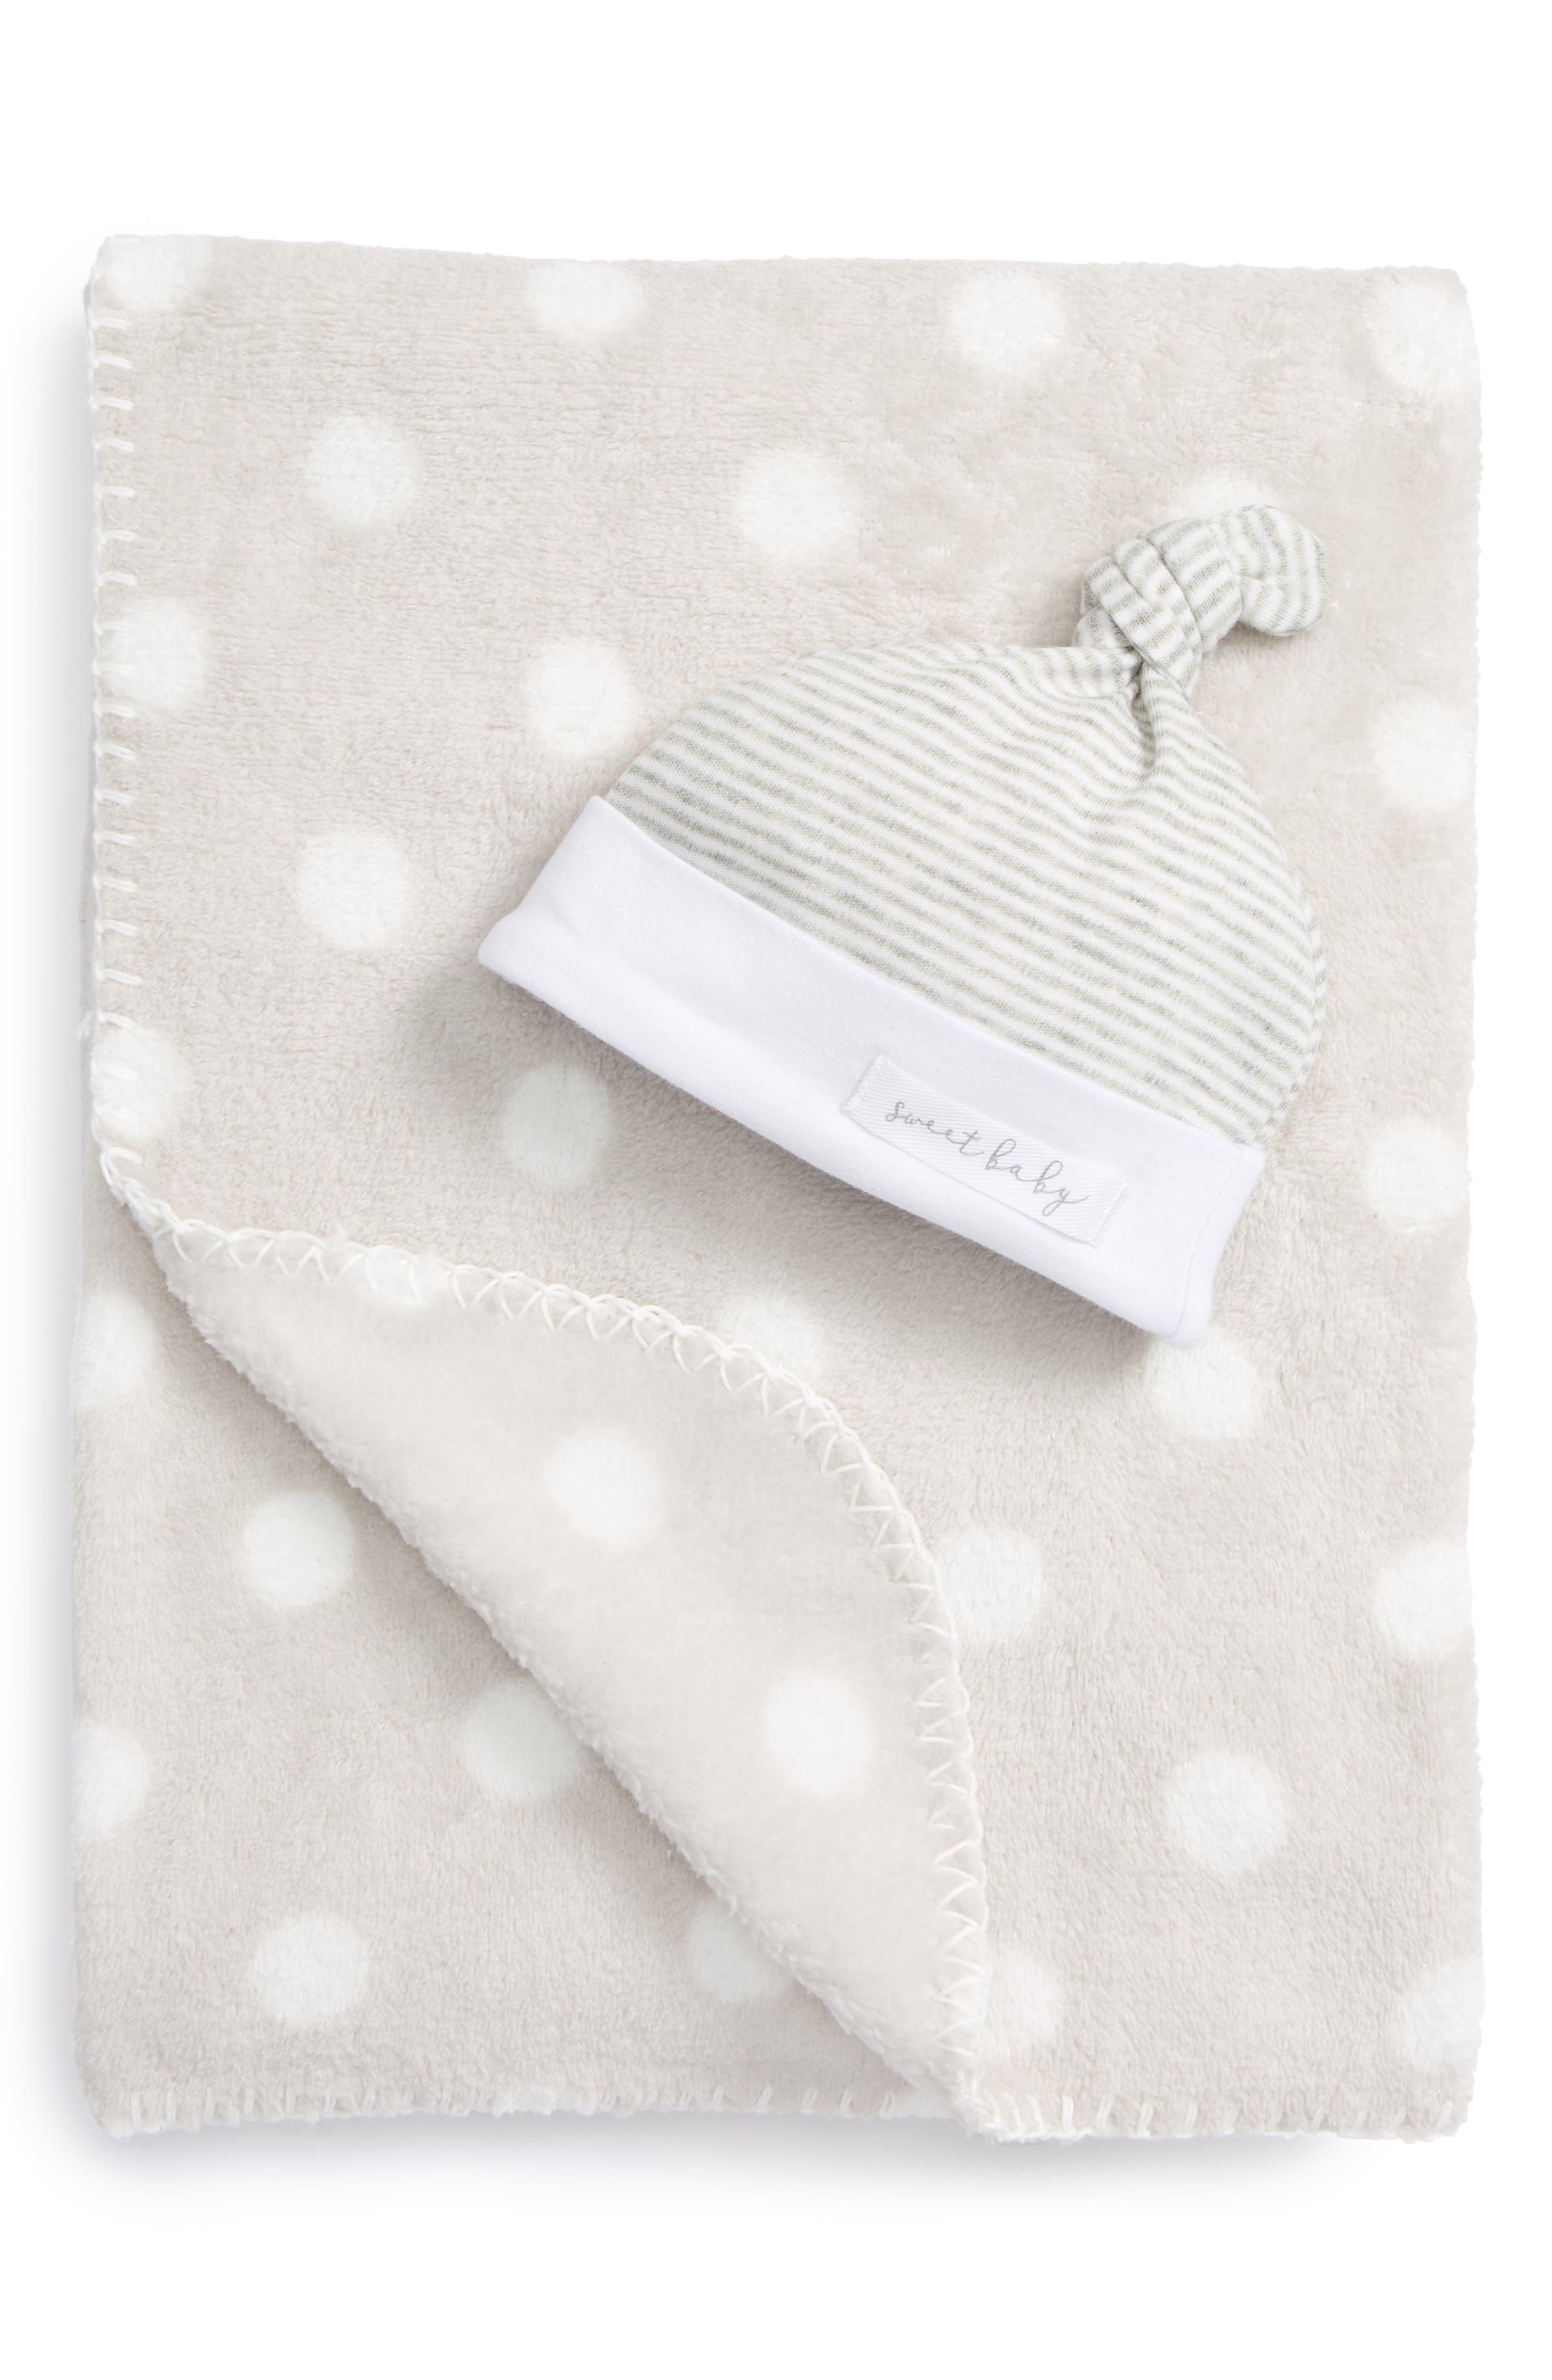 MUD PIE Sweet Baby Receiving Blanket & Hat Set, Main, color, 020